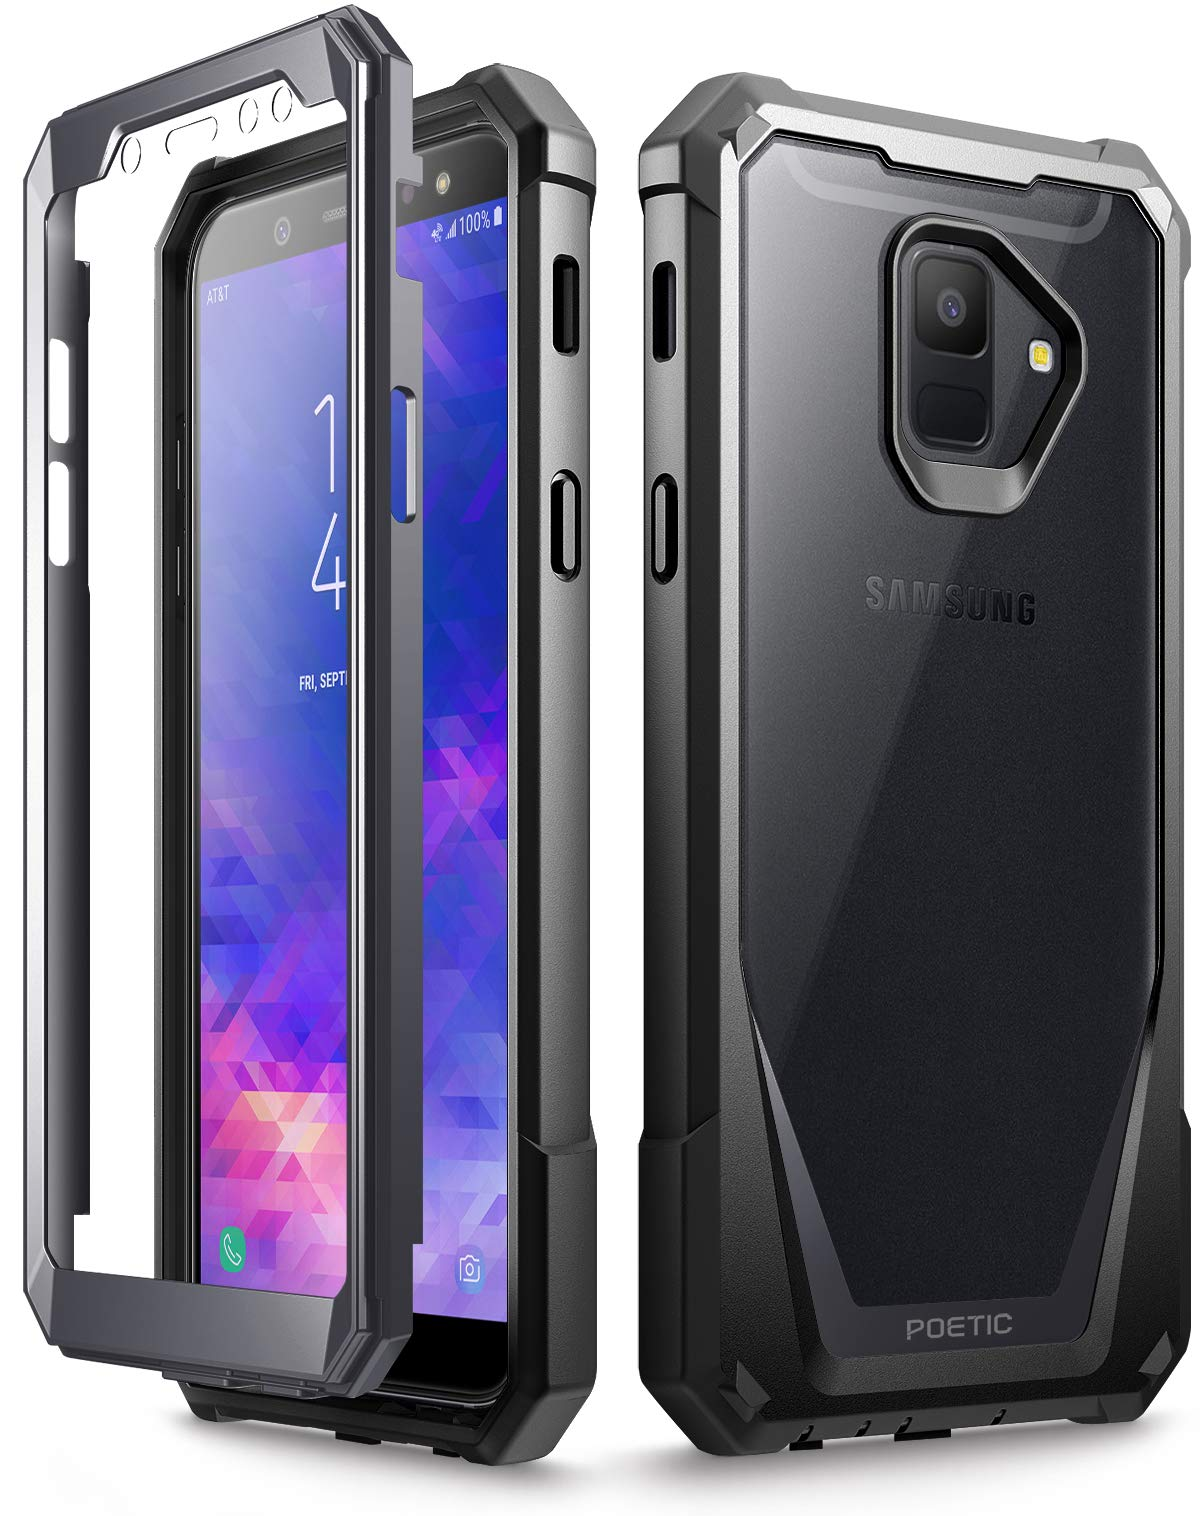 Poetic Funda Samsung Galaxy A6, Carcasa Guardián para Samsung Galaxy A6 [Resistente a los Rayones] Cuerpo Robusto Híbrida y Protector de Pantalla para Samsung Galaxy A6, Negra: Amazon.es: Electrónica